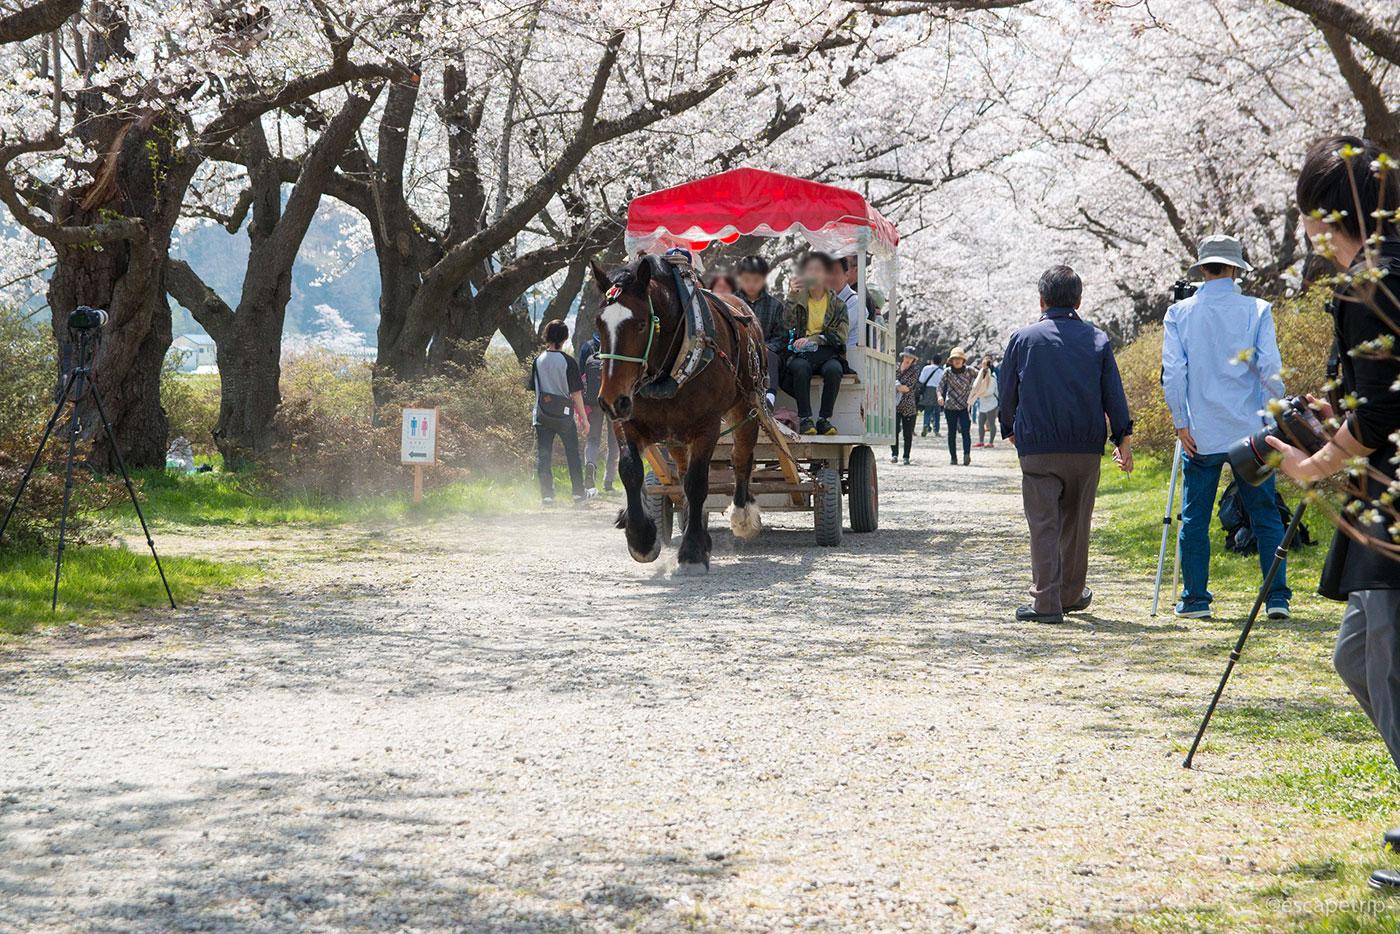 北上展勝地の観光馬車と桜のトンネル